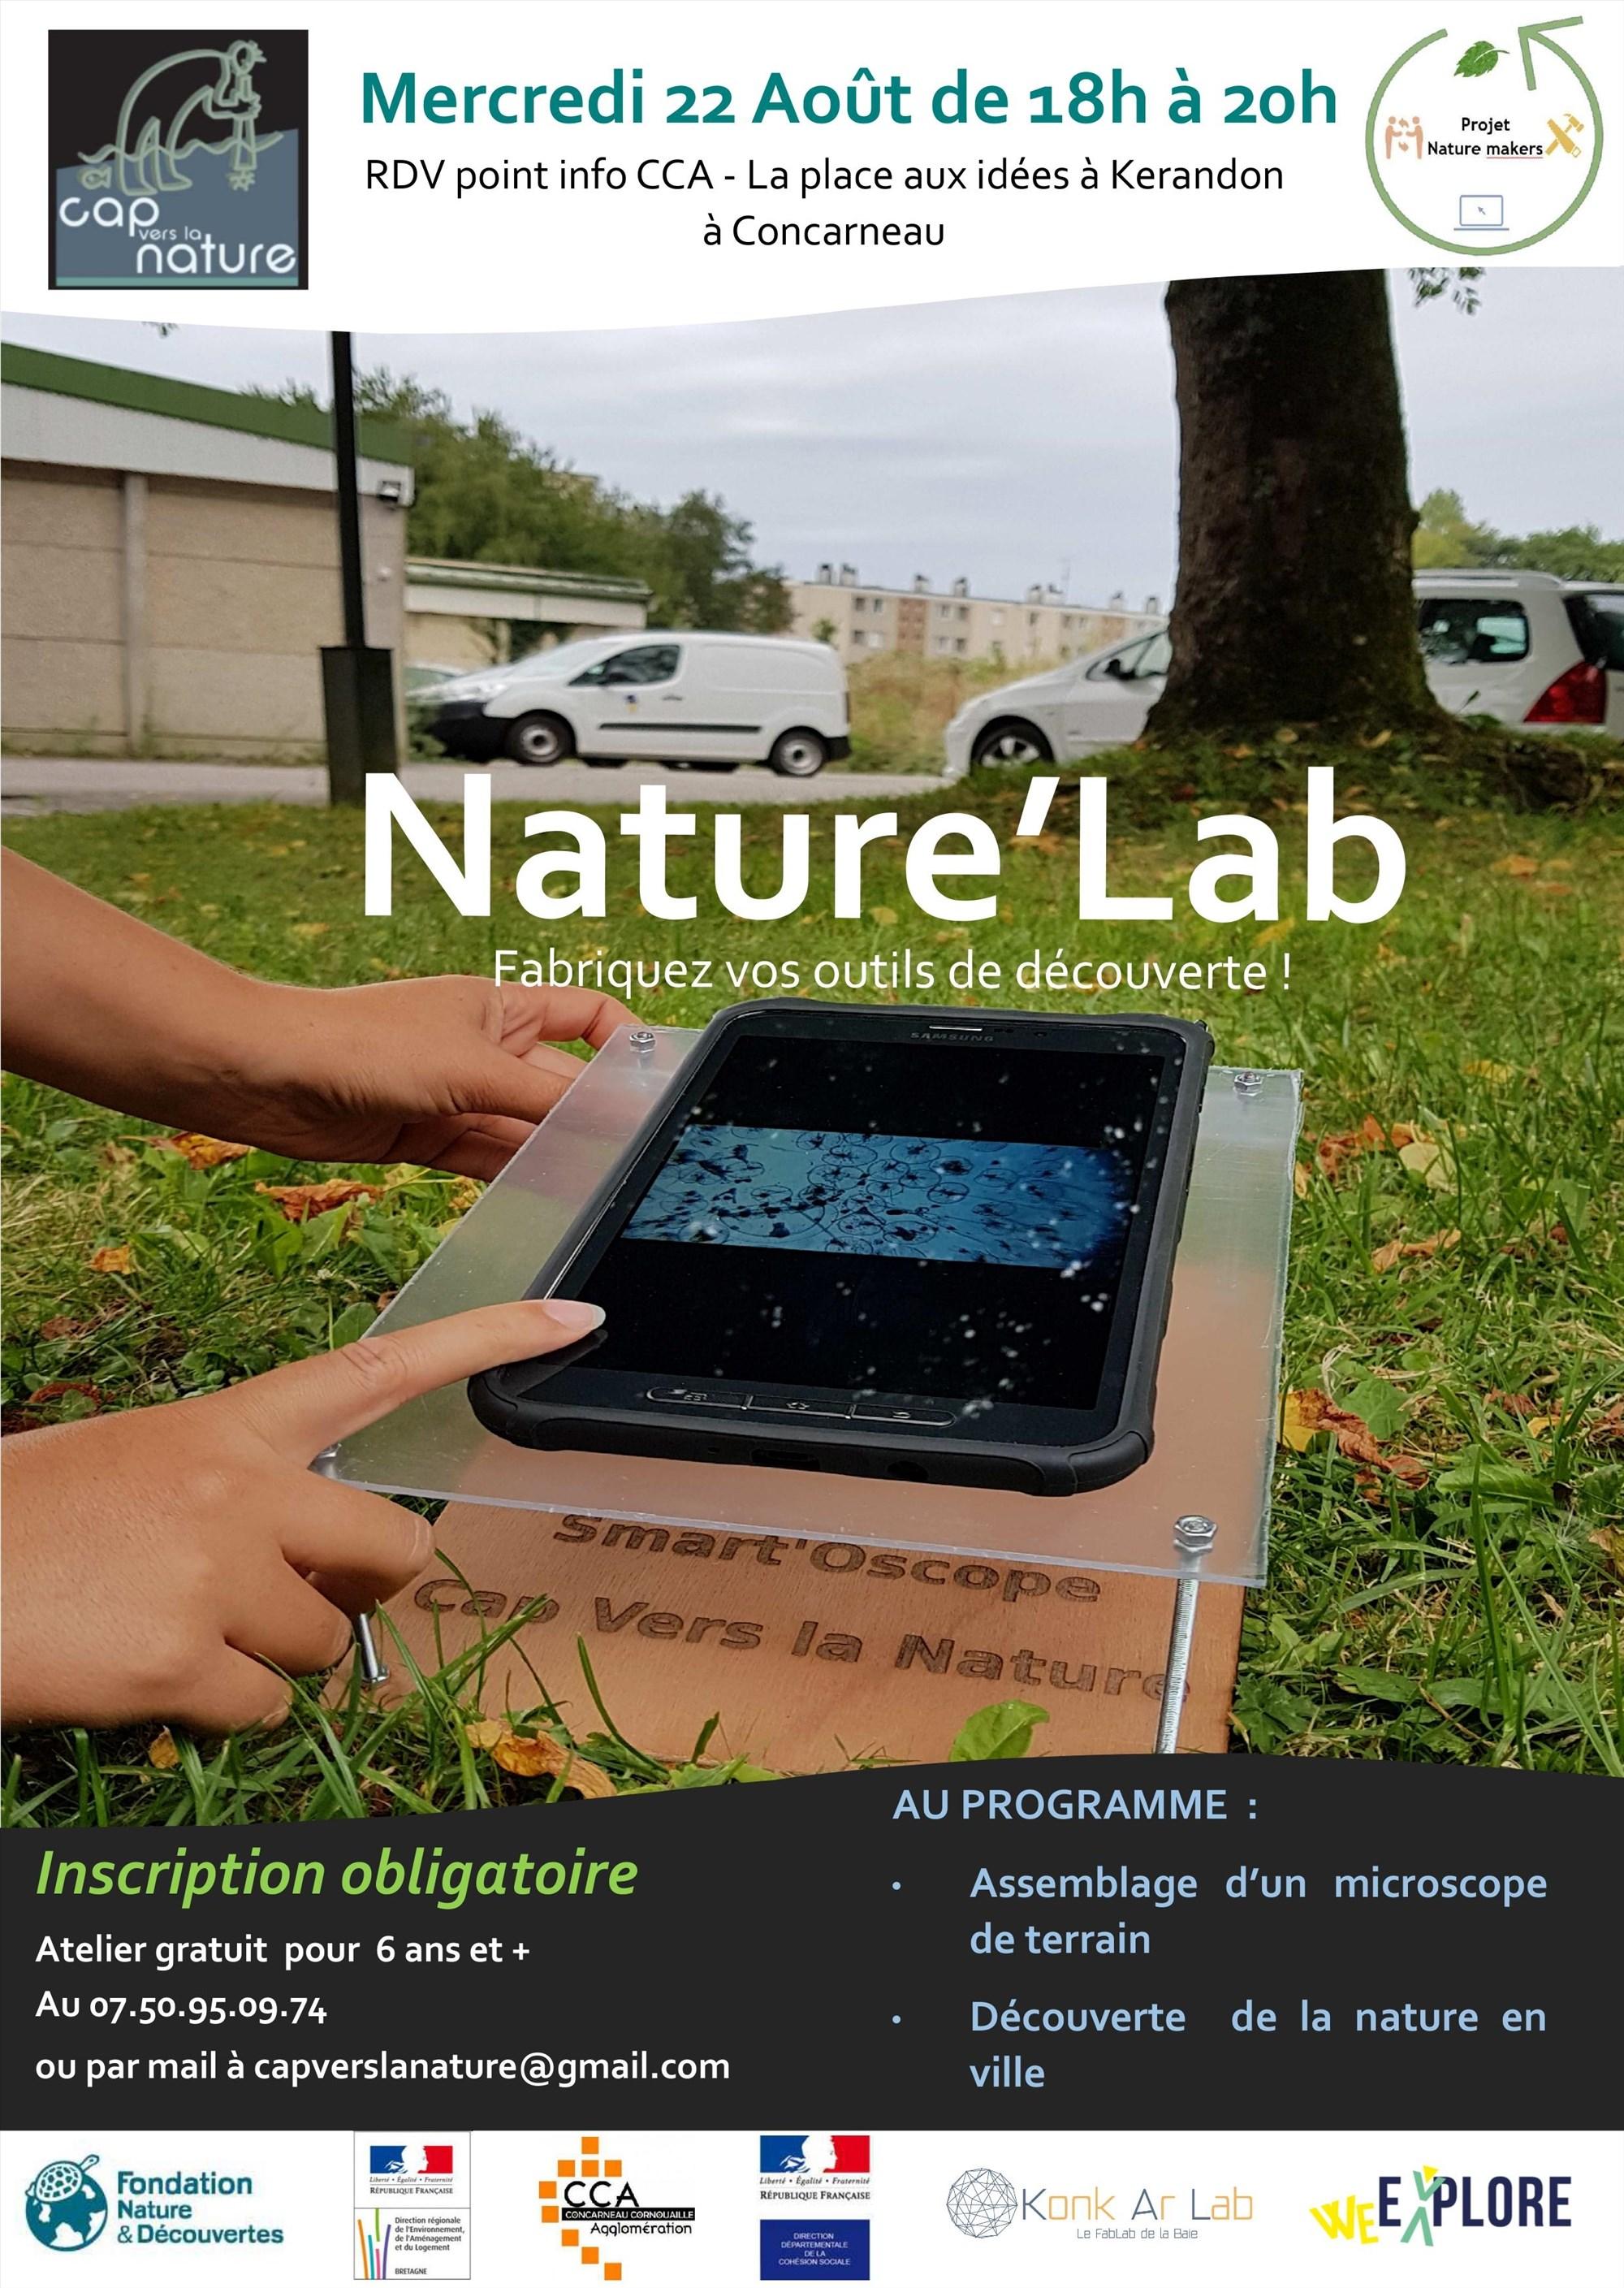 Nature'Lab, fabriquez votre microscope de terrain